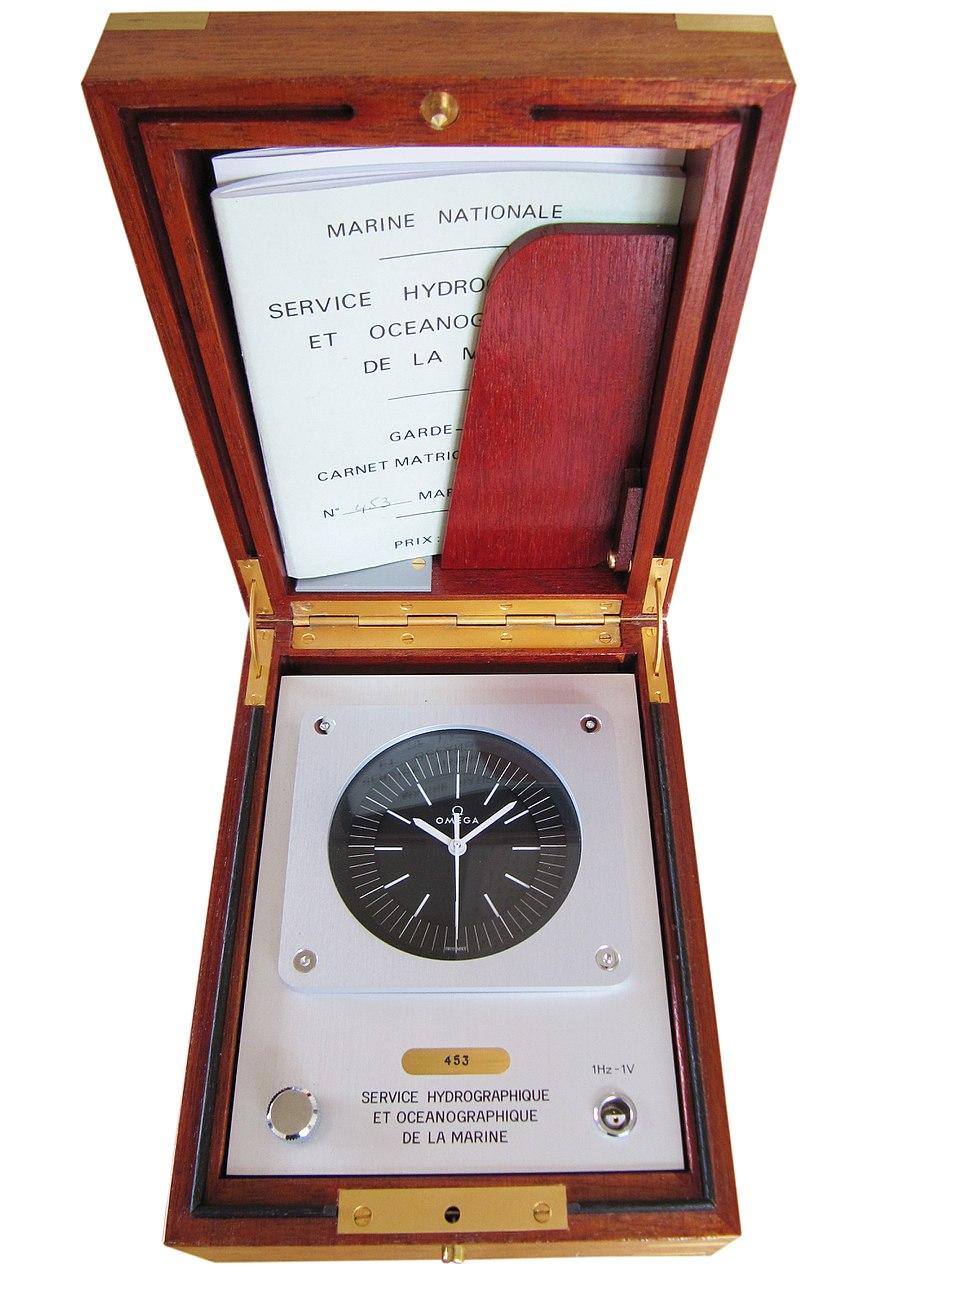 OMC ships clock